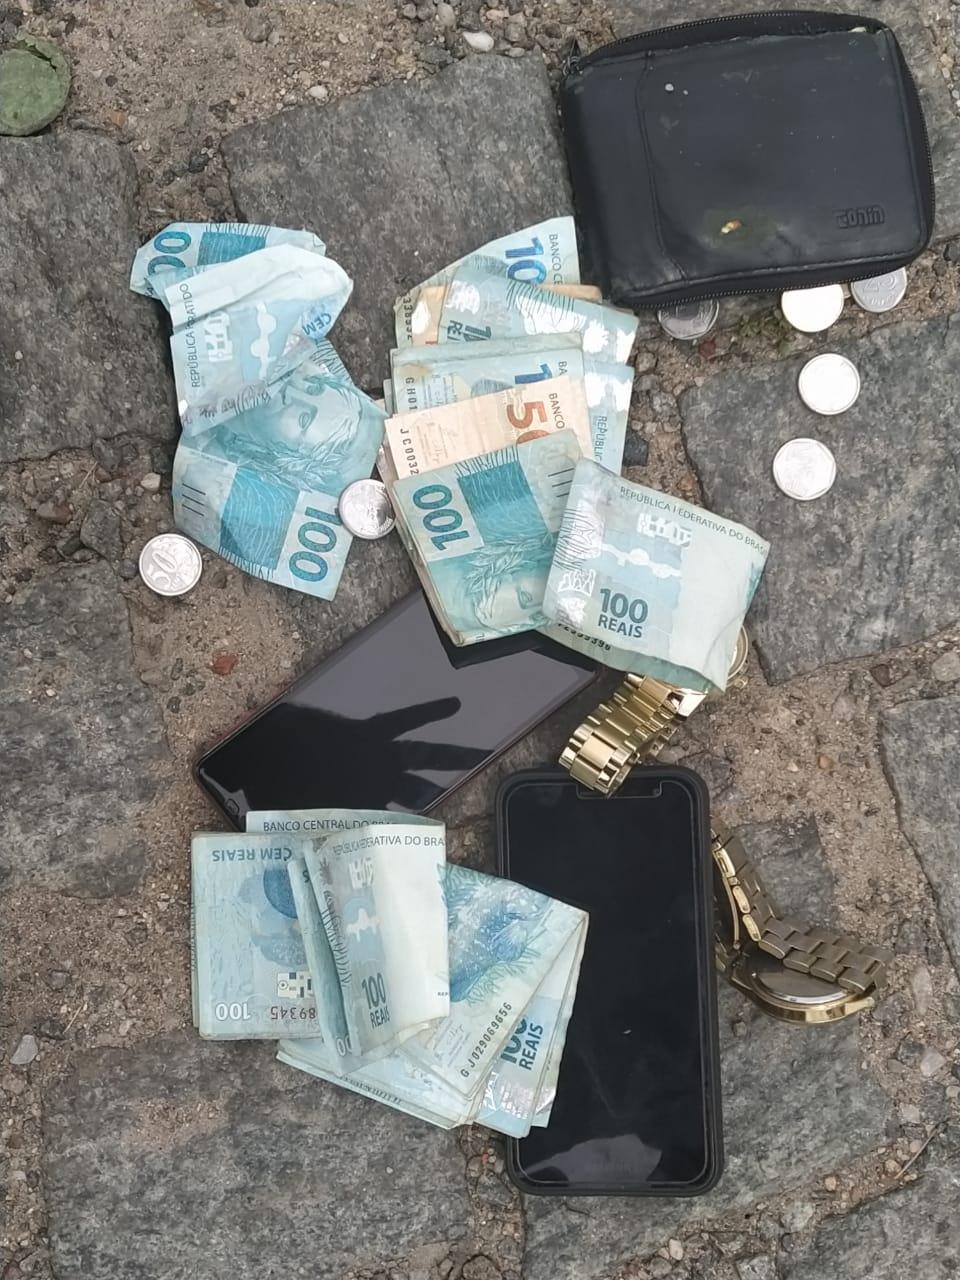 Assaltantes são presos após furtar mais de 3 mil reais na zona rural de Manoel Vitorino